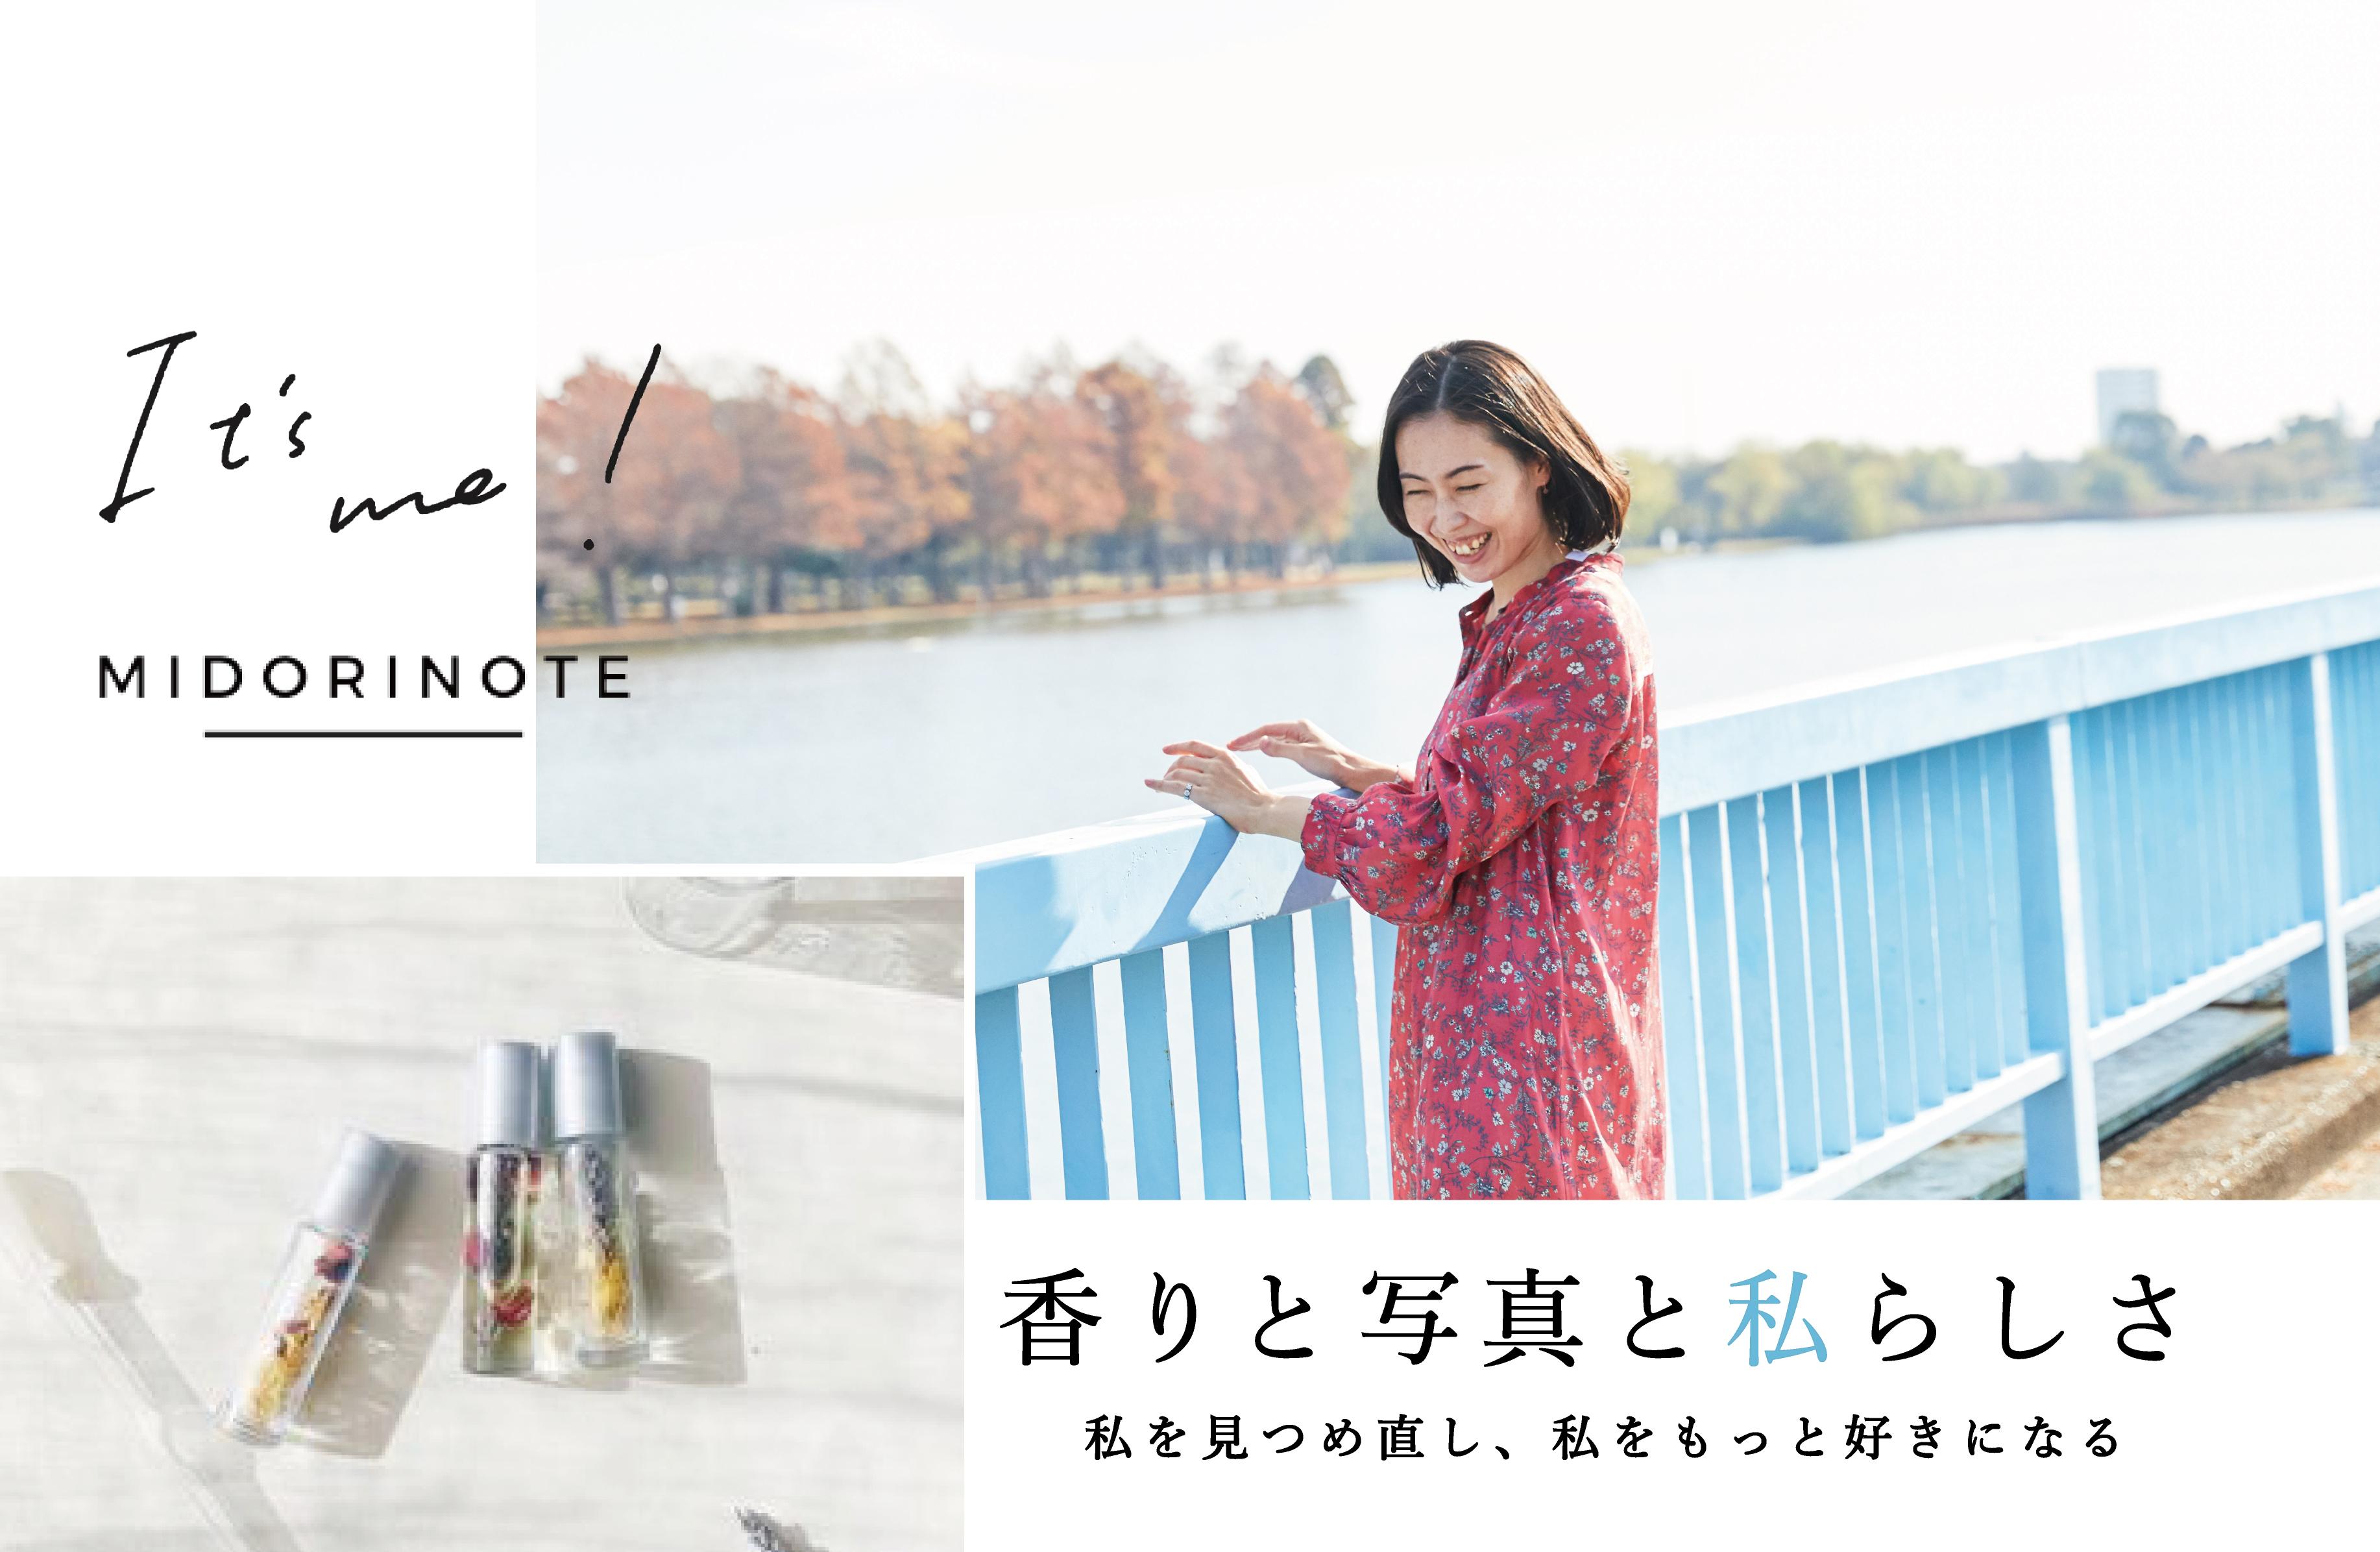 【5月16日】イベントのお知らせ「香りと写真と私らしさ」midorinote×It's me!